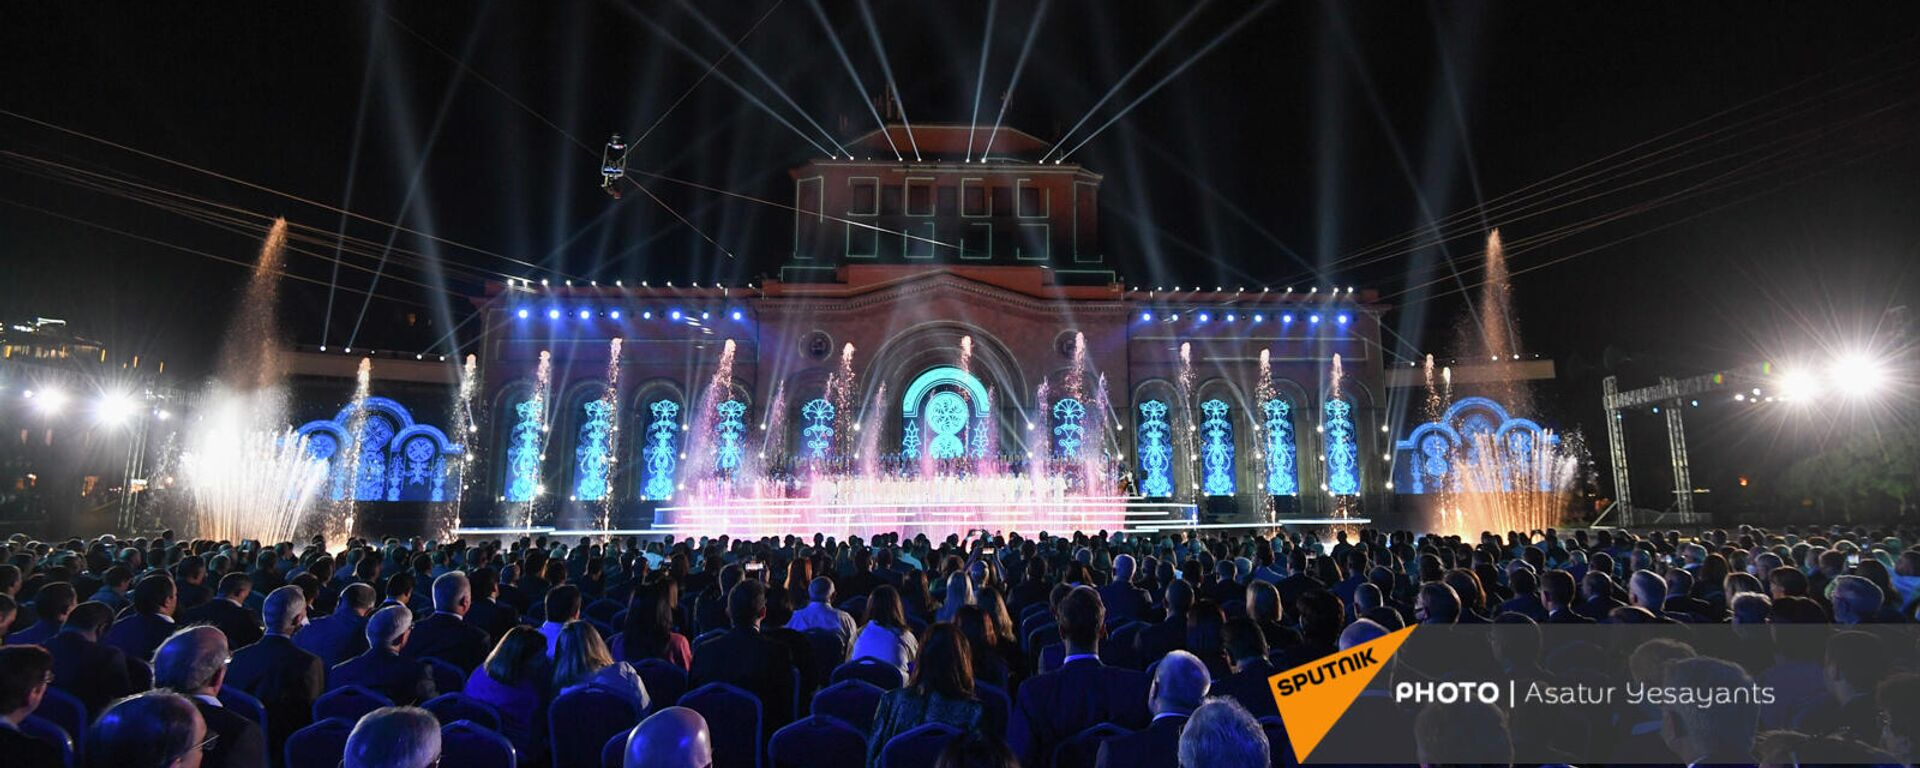 Артисты на сцене во время праздничного концерта по случаю 30-летия независимости Республики Армения (21 сентября 2021). Ереван - Sputnik Արմենիա, 1920, 21.09.2021